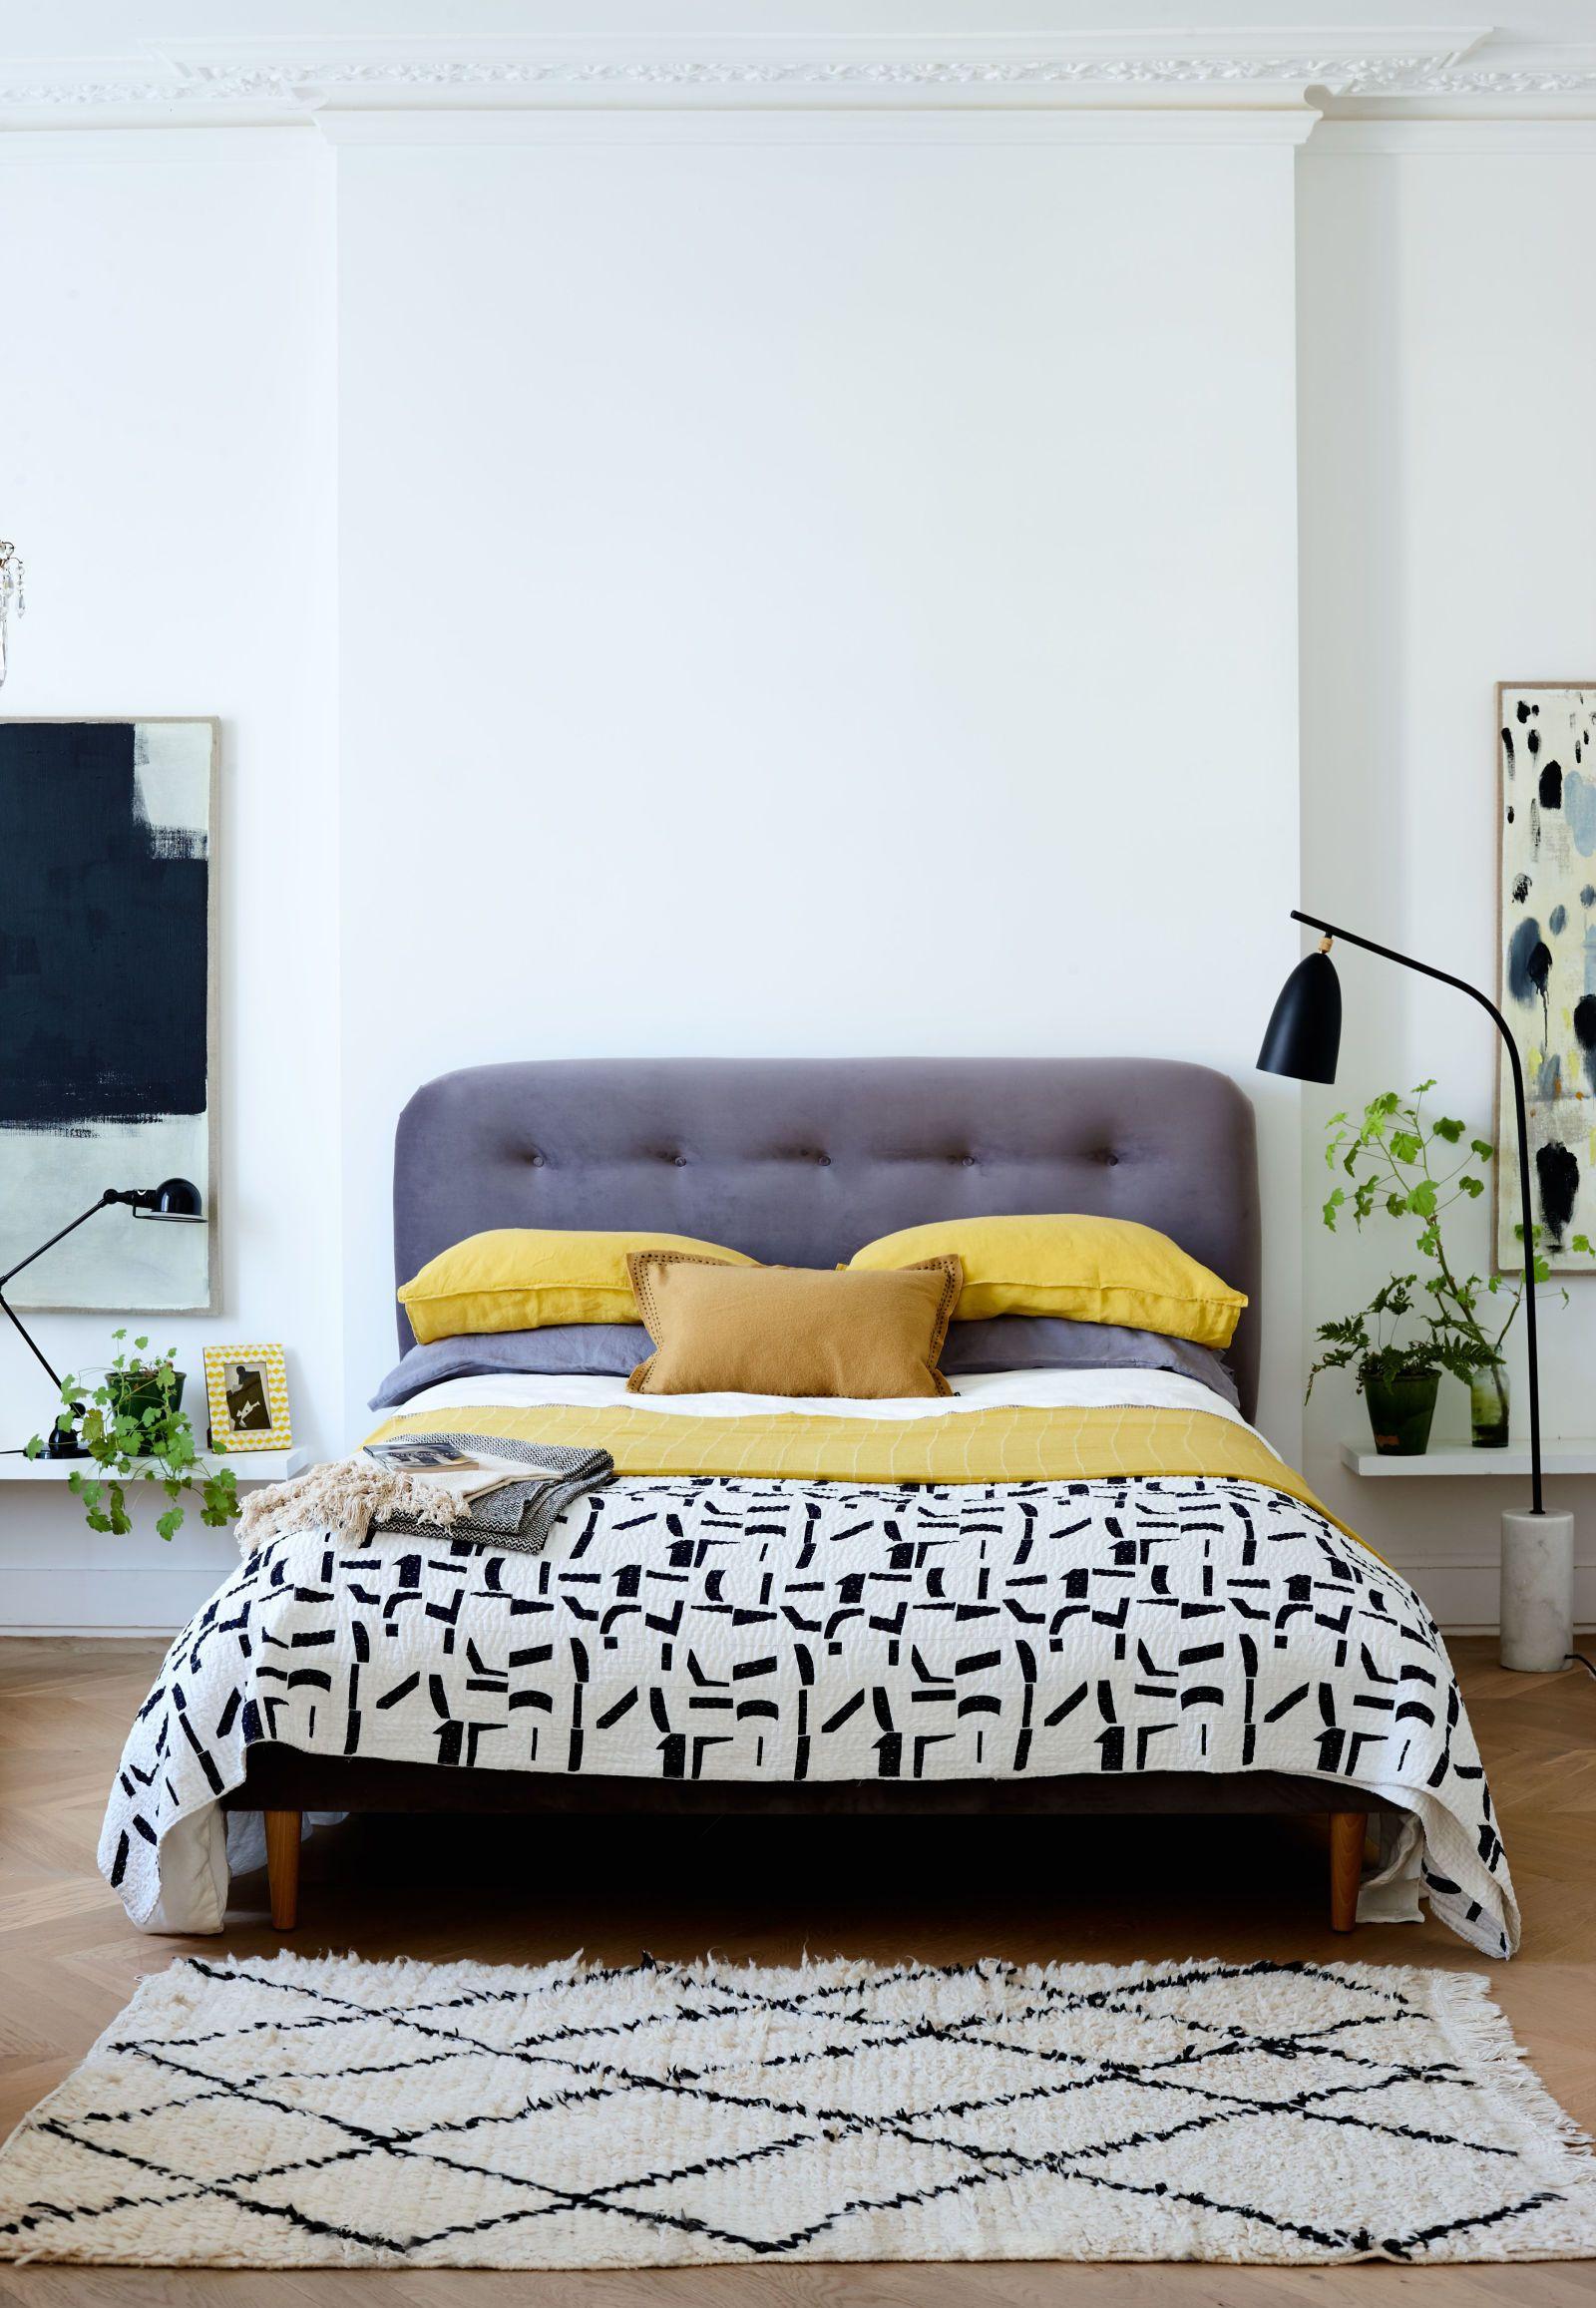 Best 25 Dfs beds ideas on Pinterest